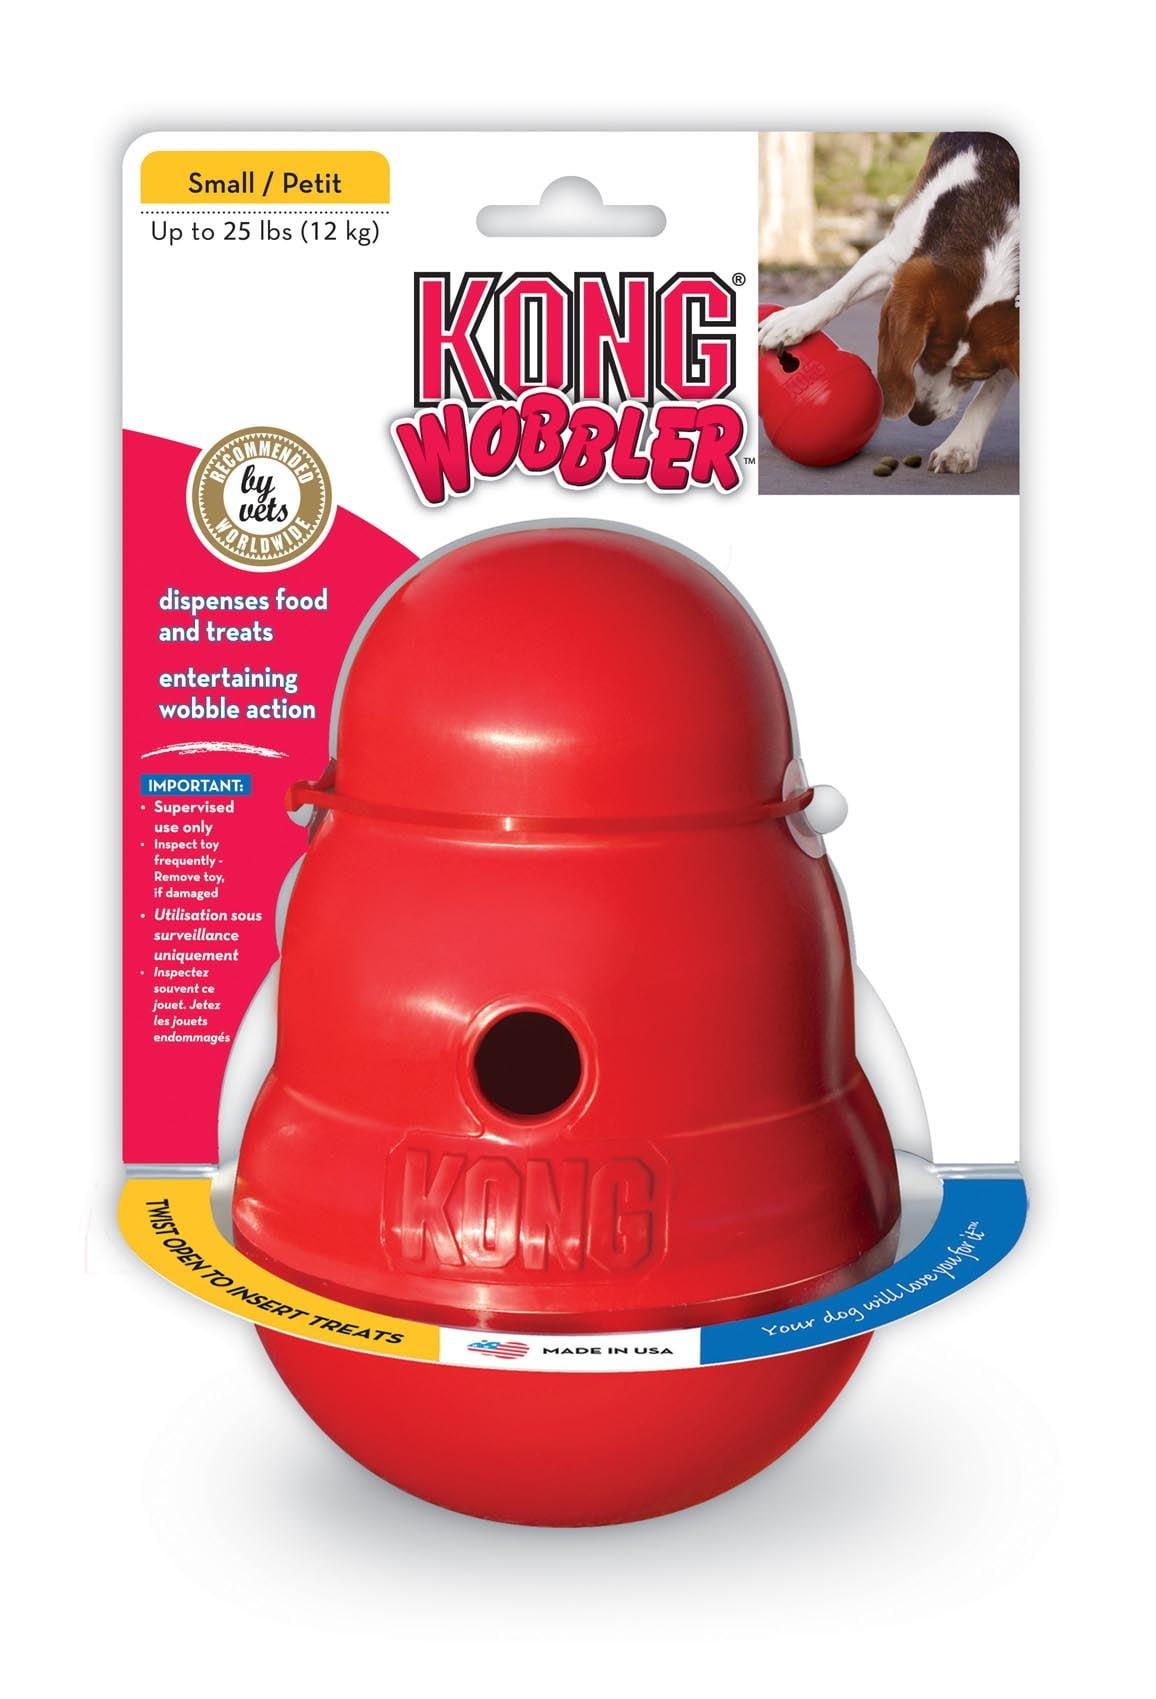 קונג וובלר S למשחק תעסוקה והאכלה לכלב